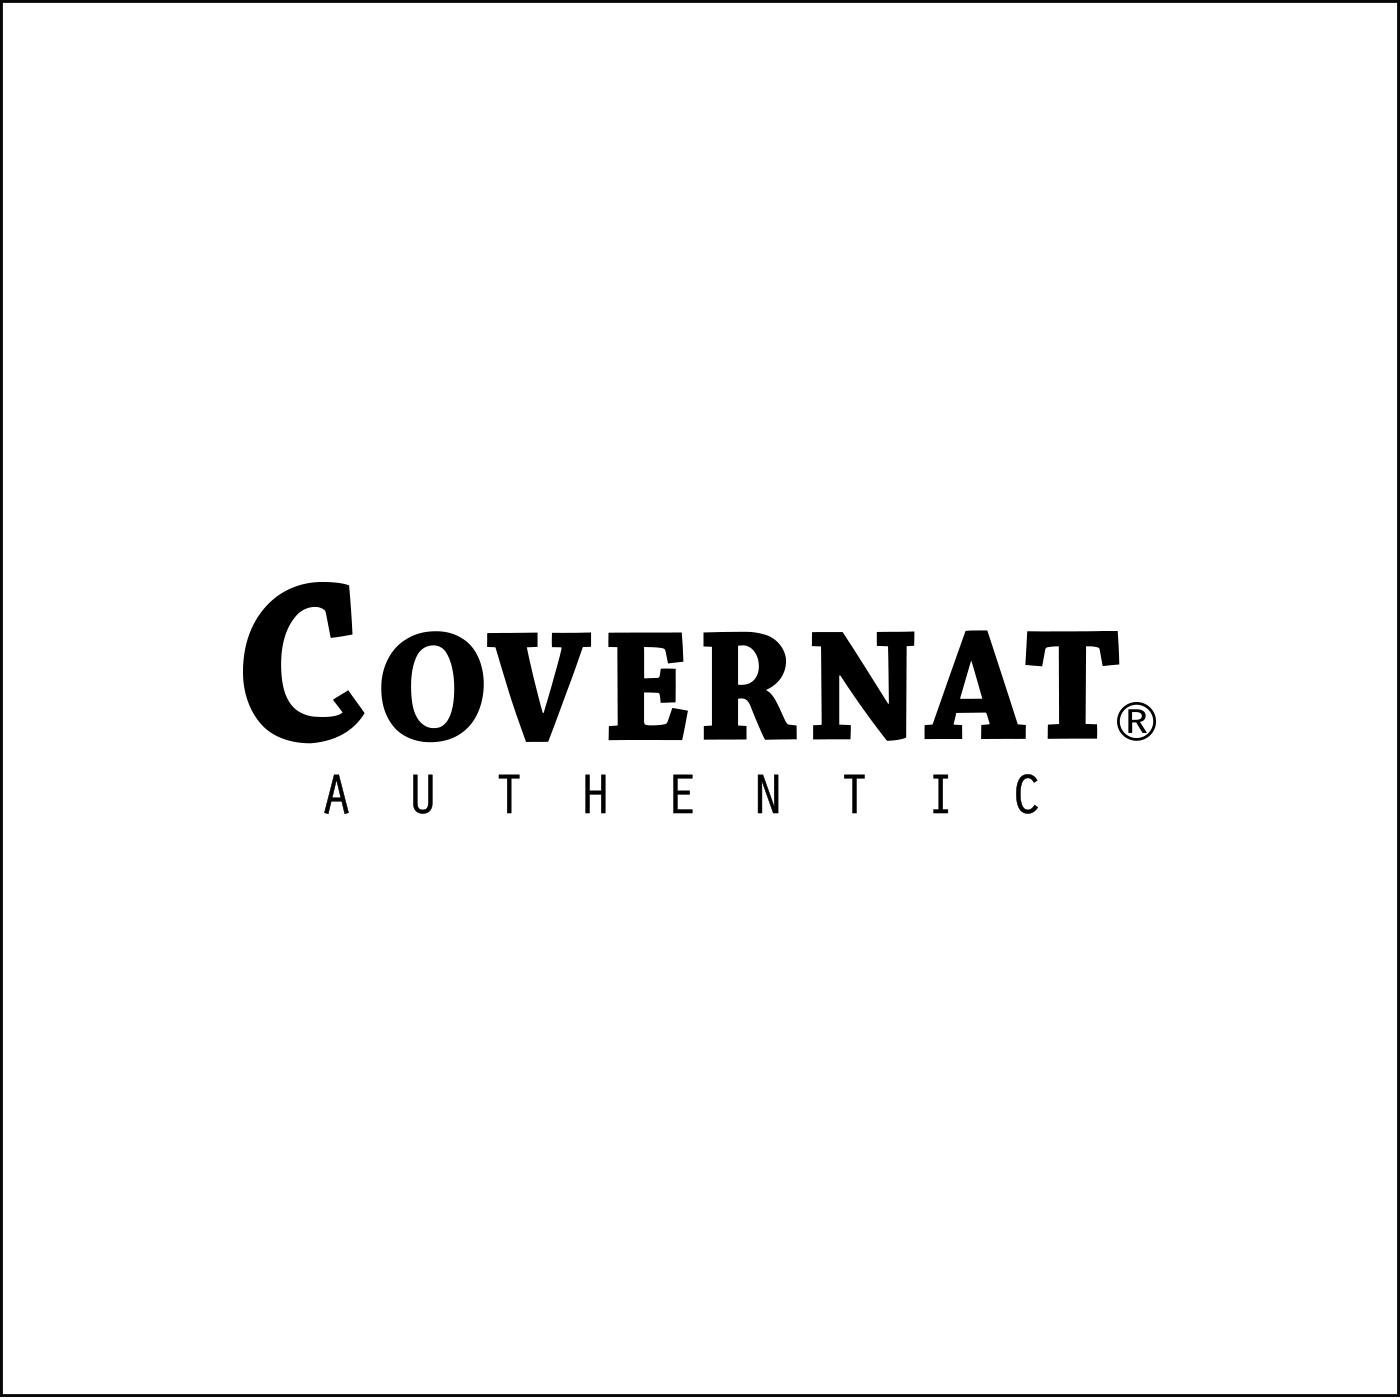 品牌嚴選:《 COVERNAT 》你一定要認識的韓國新興服飾品牌